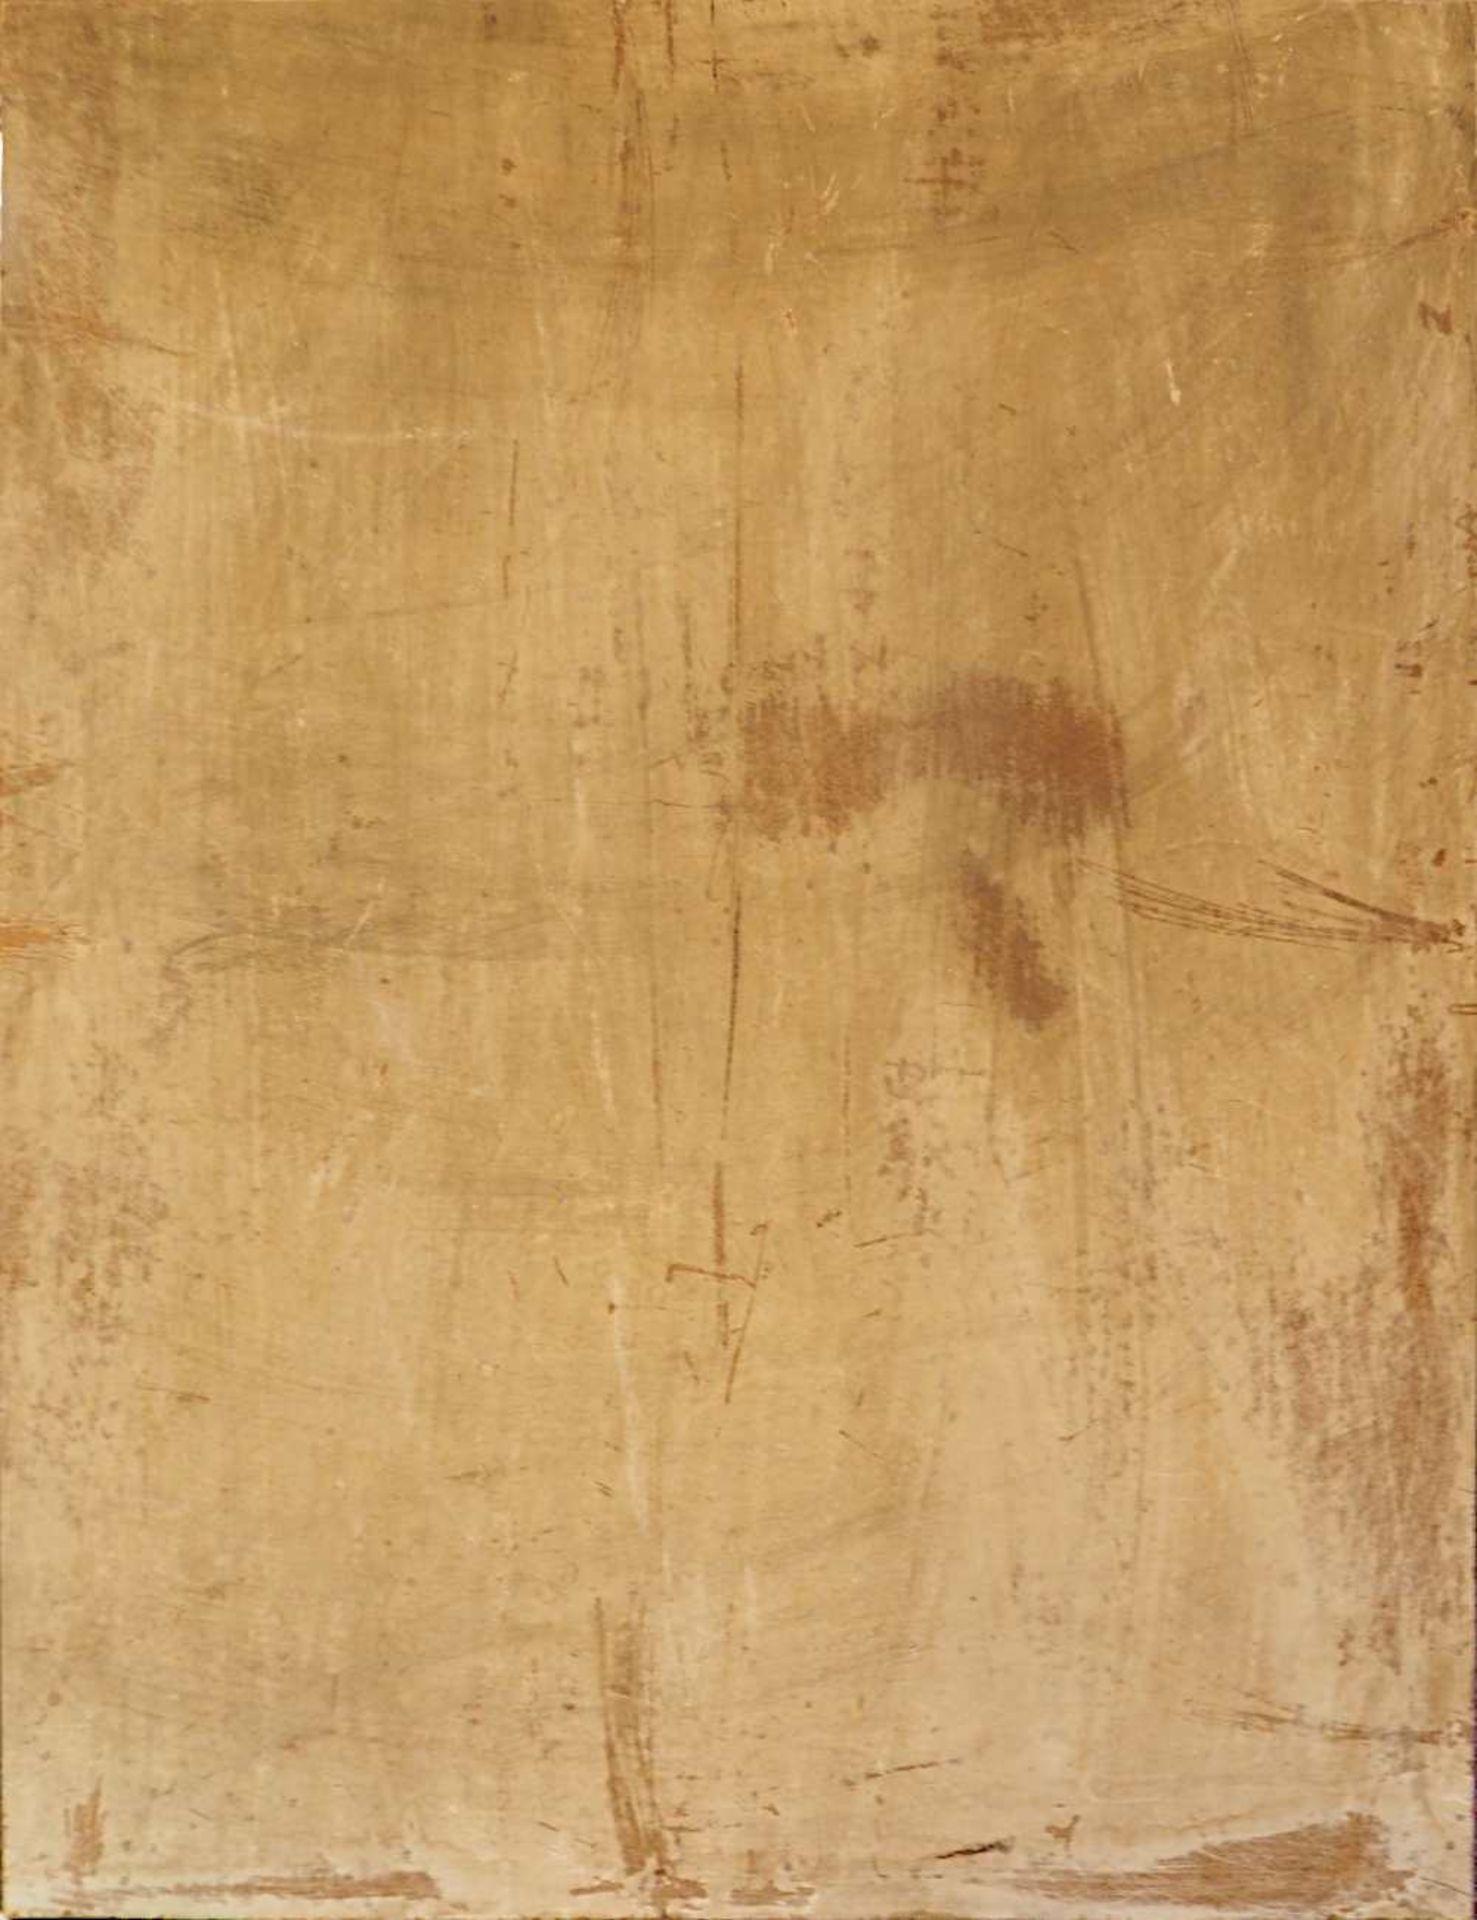 """1 Ölgemälde """"Junge mit Holzpferd"""" R.u. sign. KOHLHOFF (wohl Wilhelm K. 1893-1971) lt - Bild 3 aus 3"""